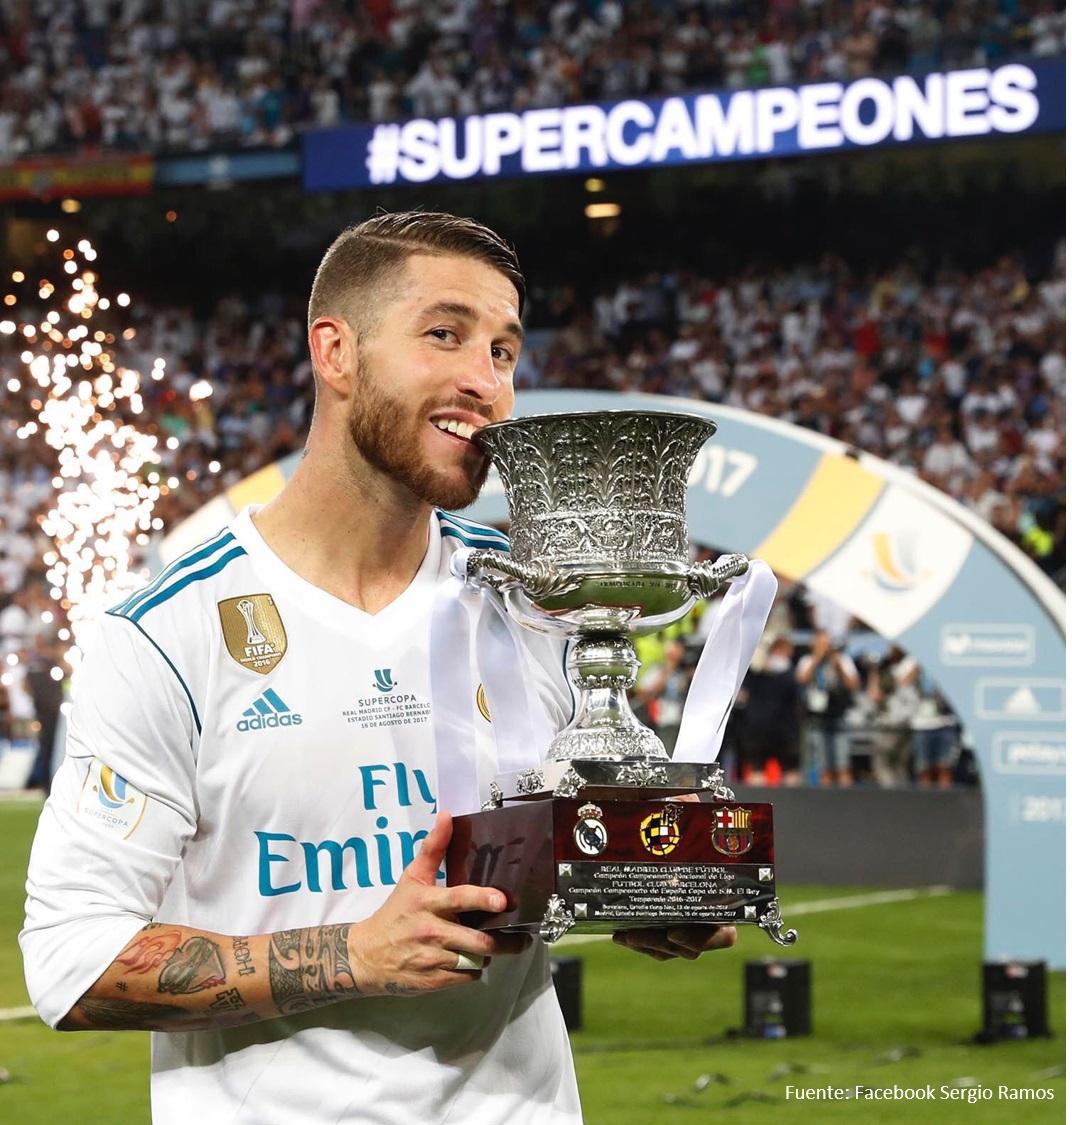 Sueprcopa España Sergio Ramos